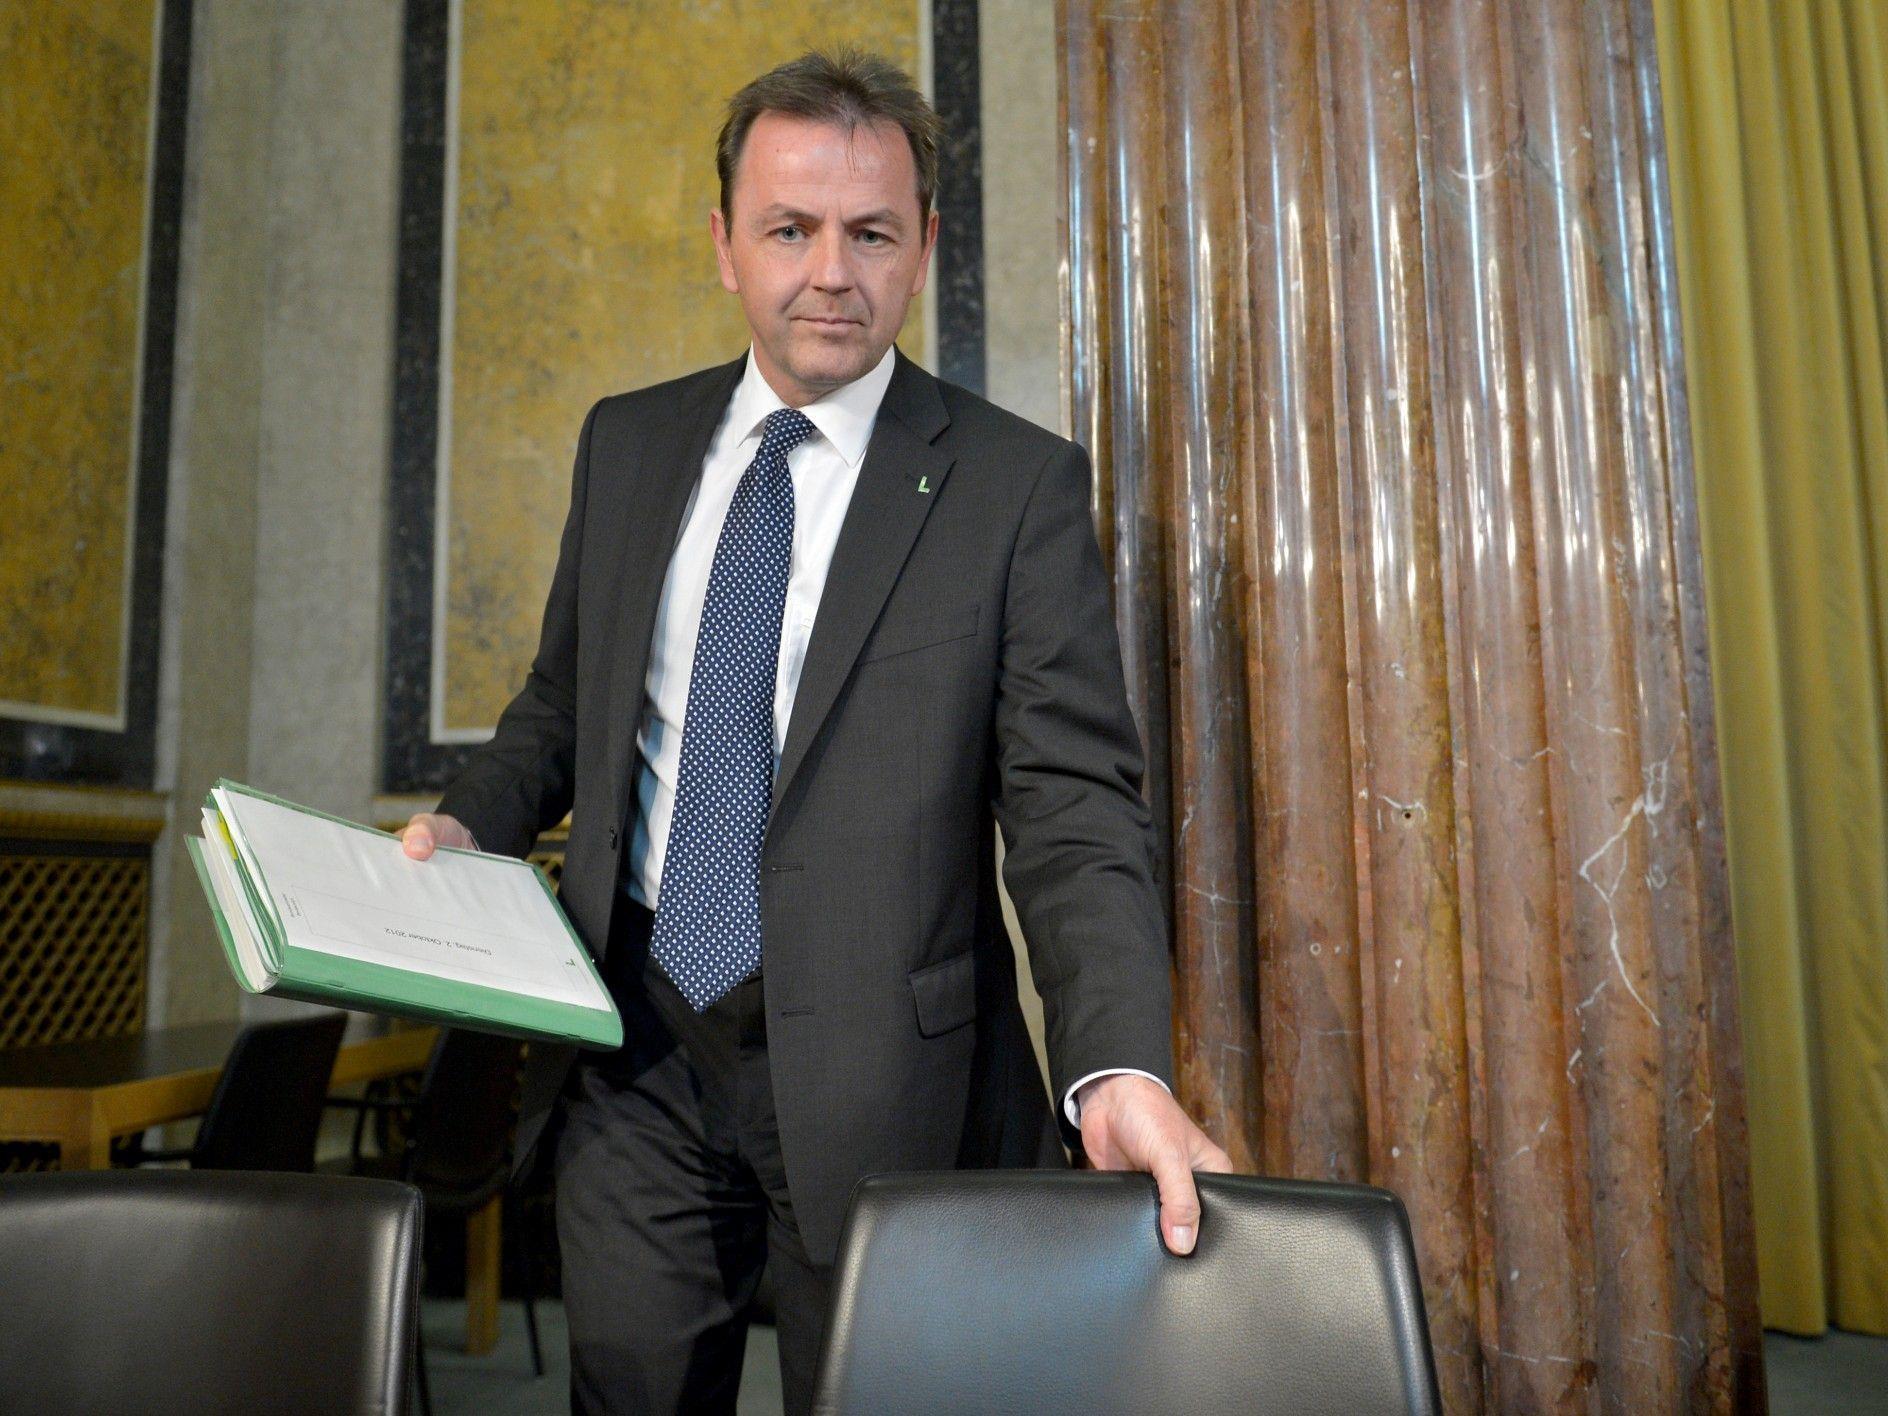 Umweltminister Nikolaus Berlakovich (ÖVP) stellt sich dem Untersuchungs-Ausschuss im Parlament.